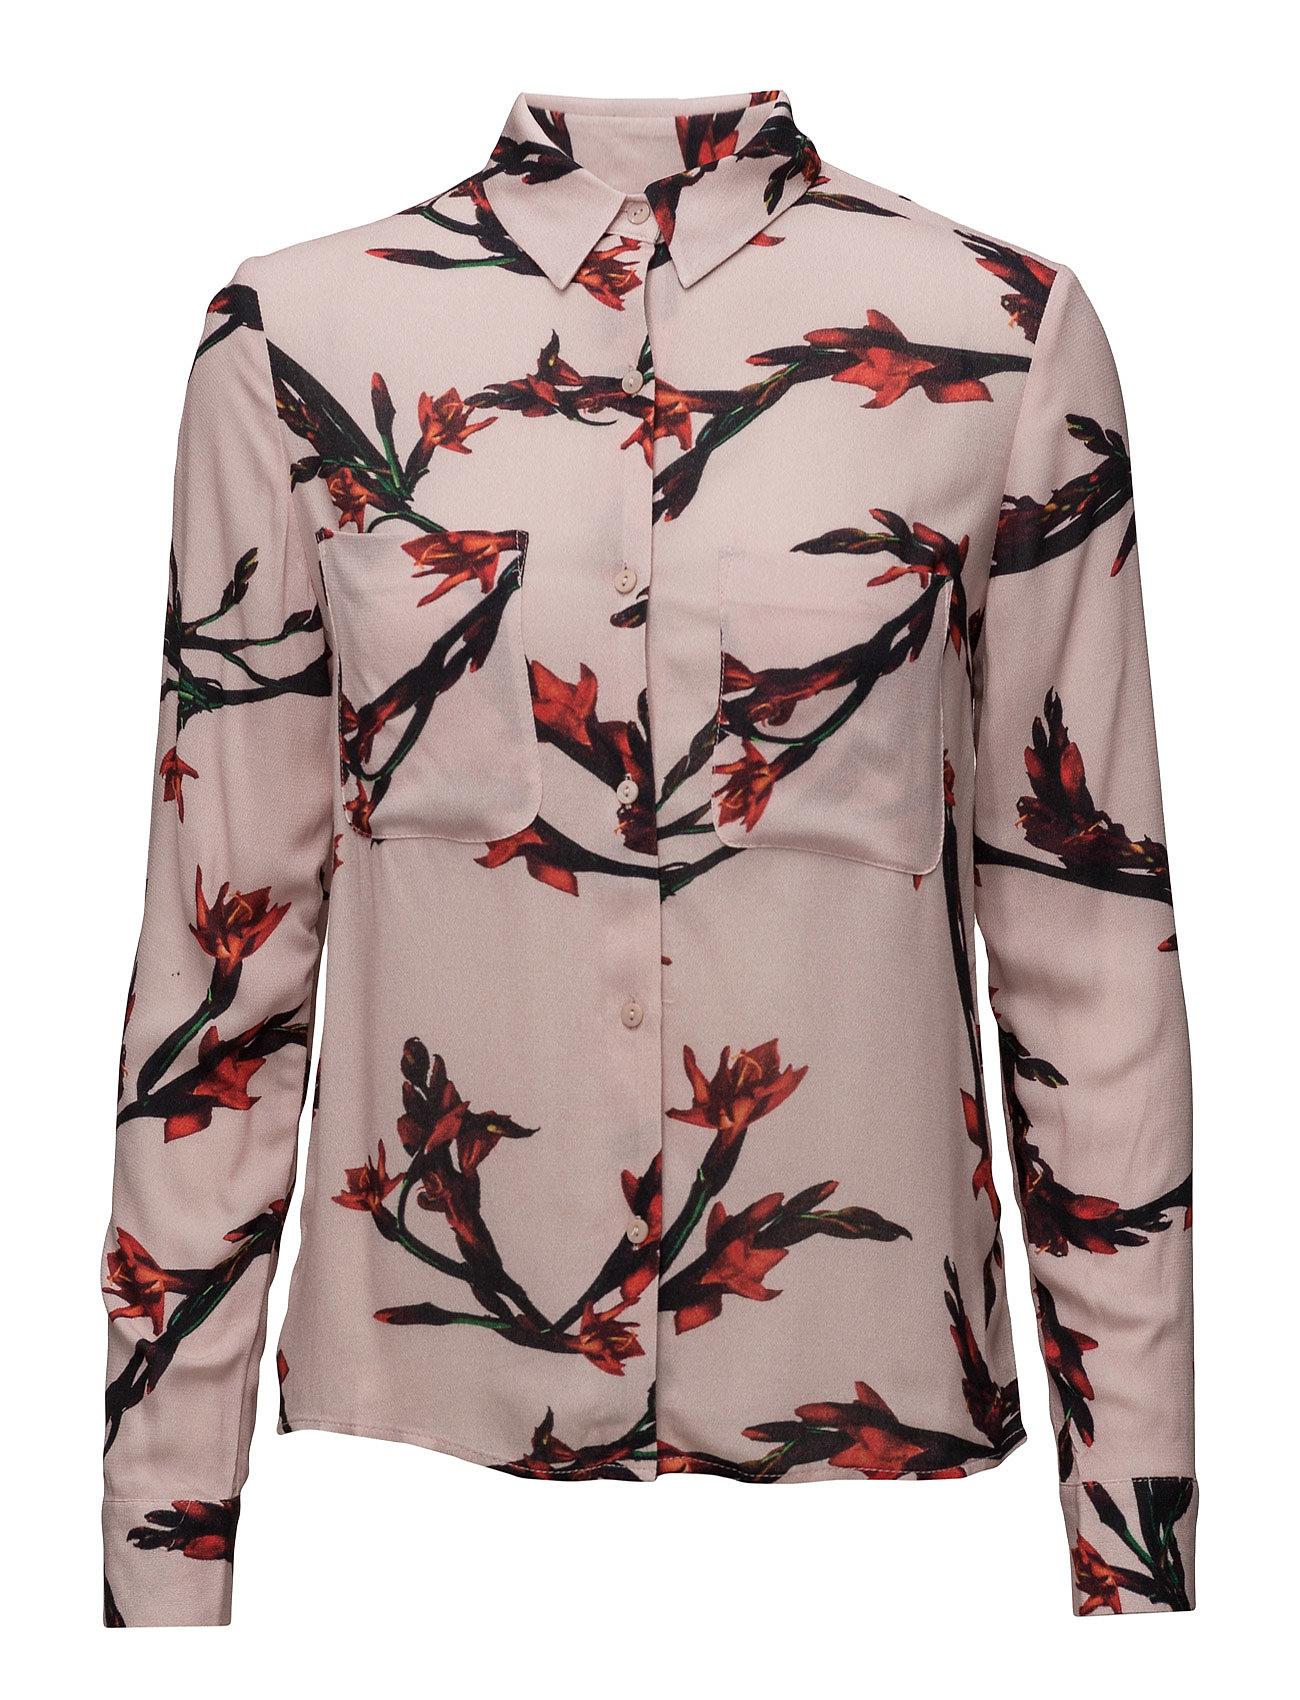 Milly Shirt Aop 7201 Samsøe & Samsøe Langærmede til Damer i